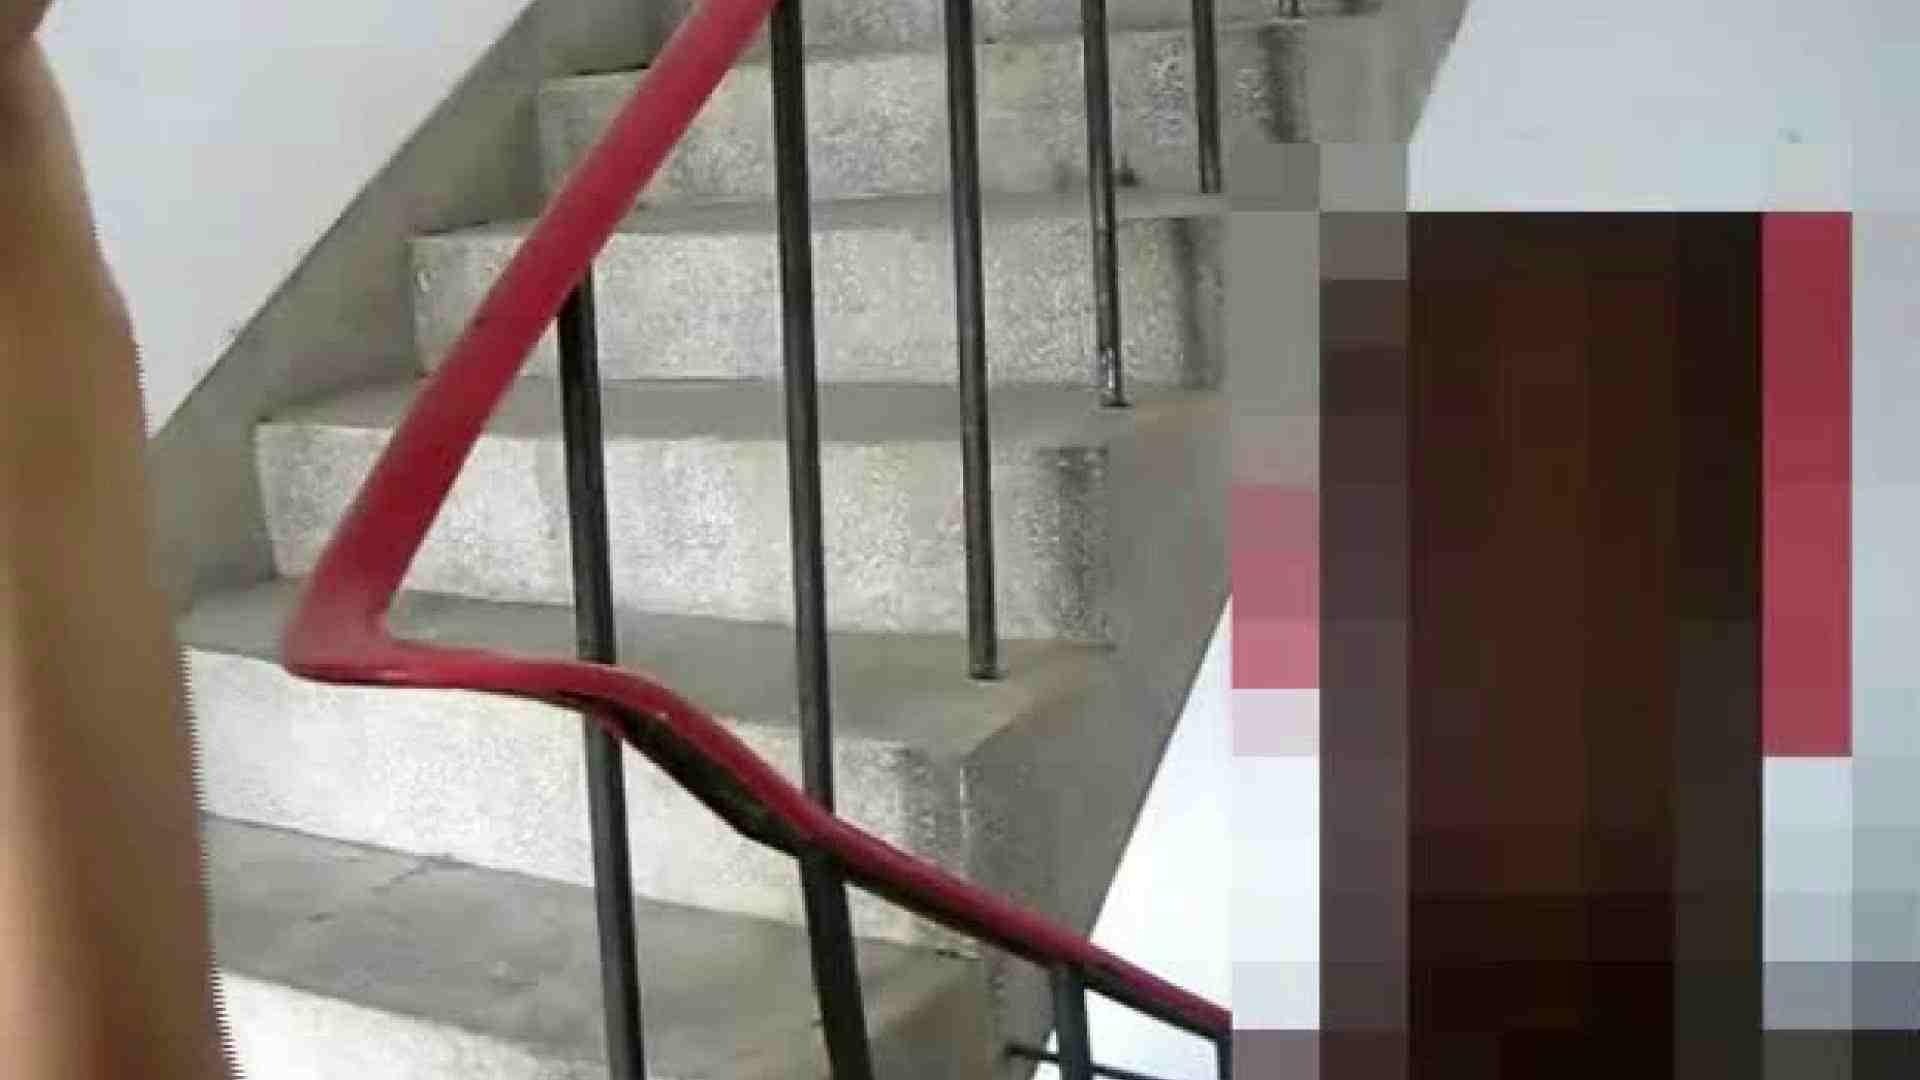 オナニー階段でシコる! 露出シーン ゲイ丸見え画像 62枚 4